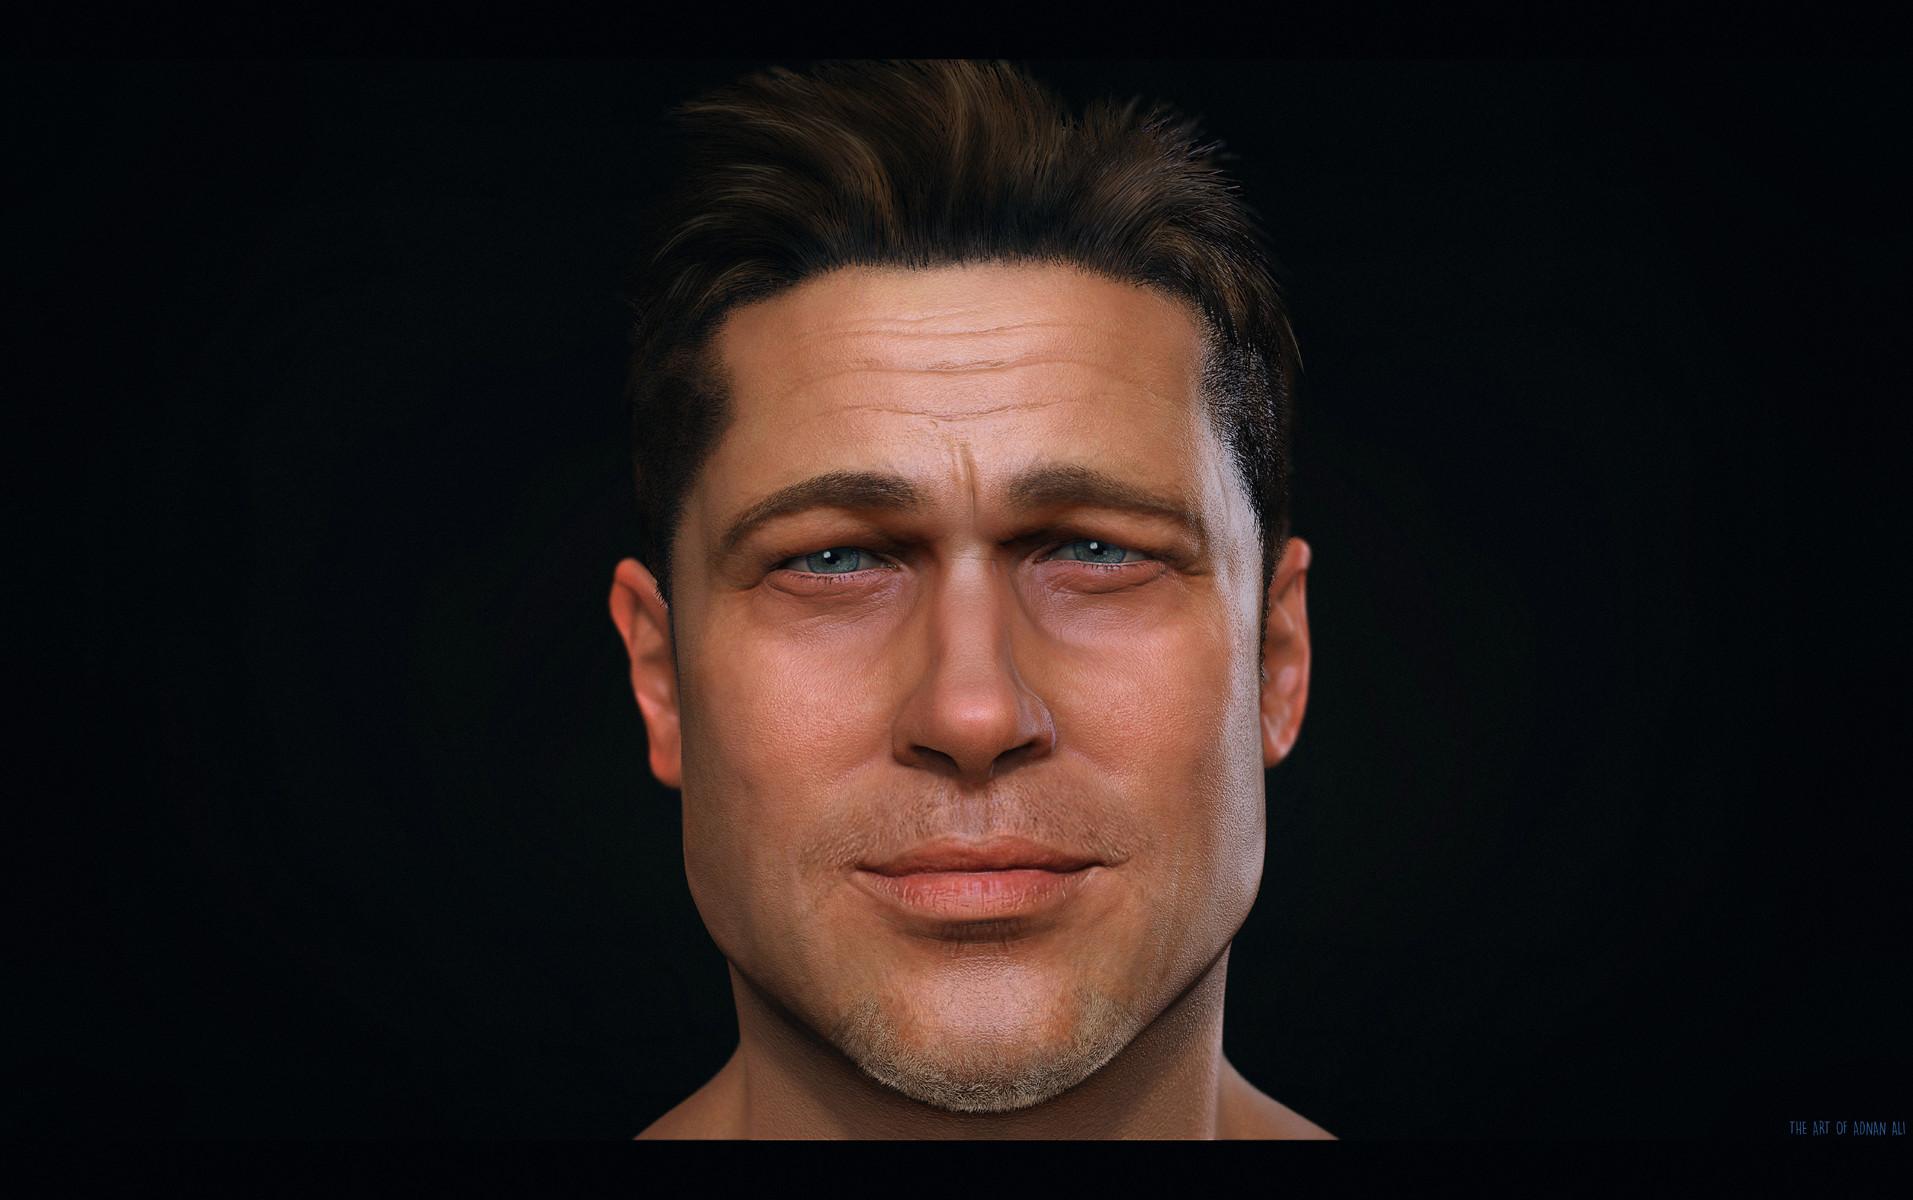 Adnan ali bradpitt